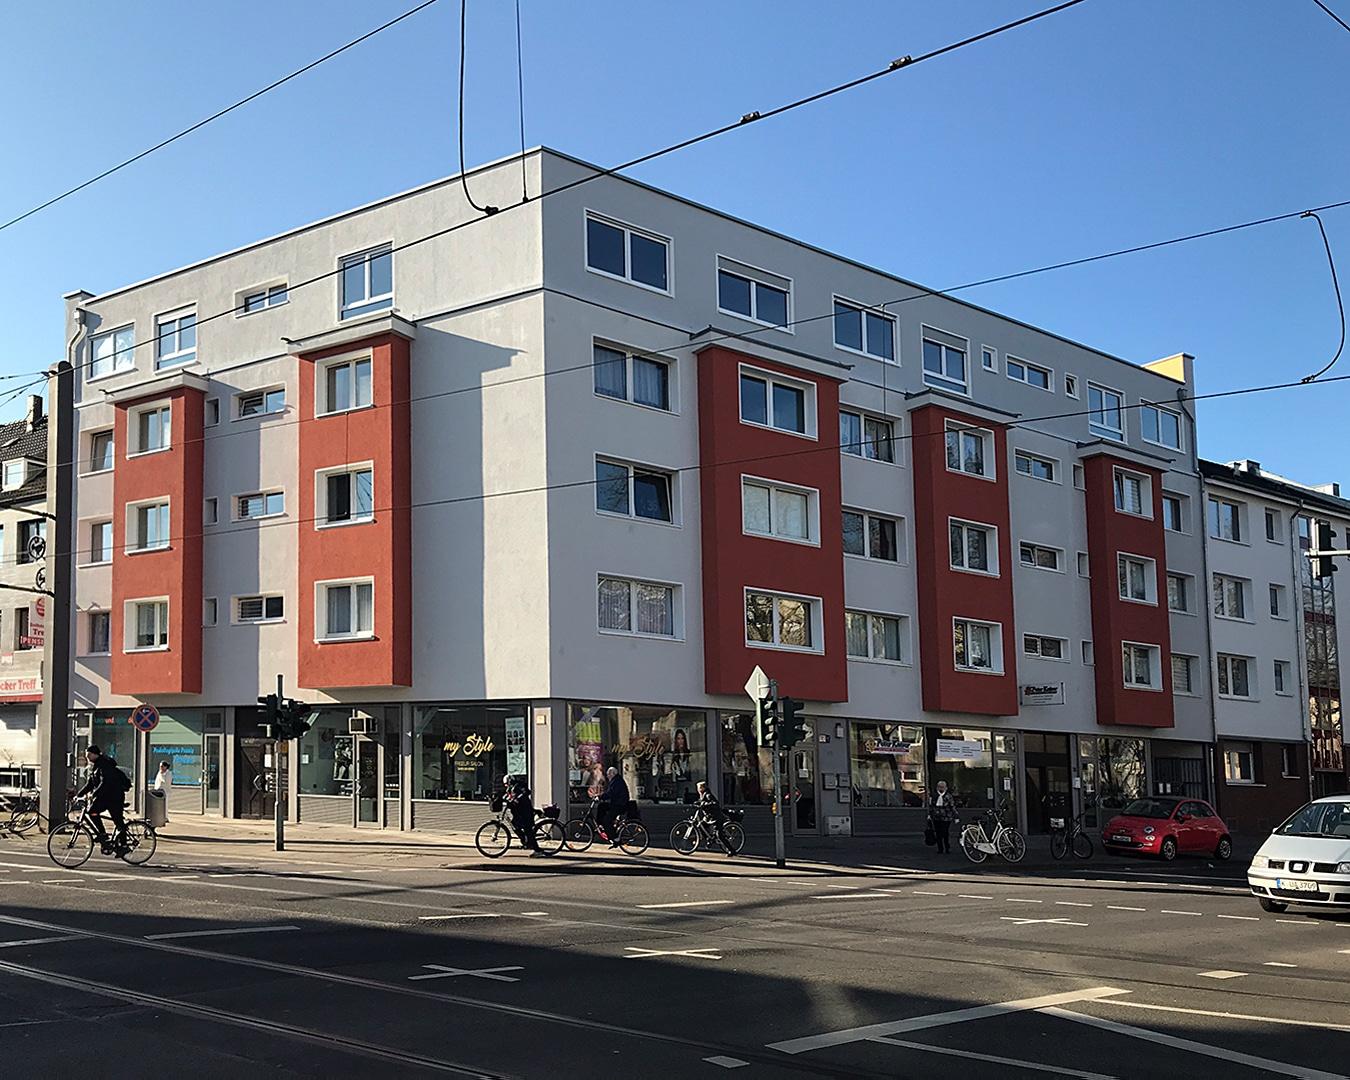 Objekt-Ansicht 03, Köln, Immobilie: Aufstockung + Innenausbau Mehrfamilienhaus, Architekturbüro